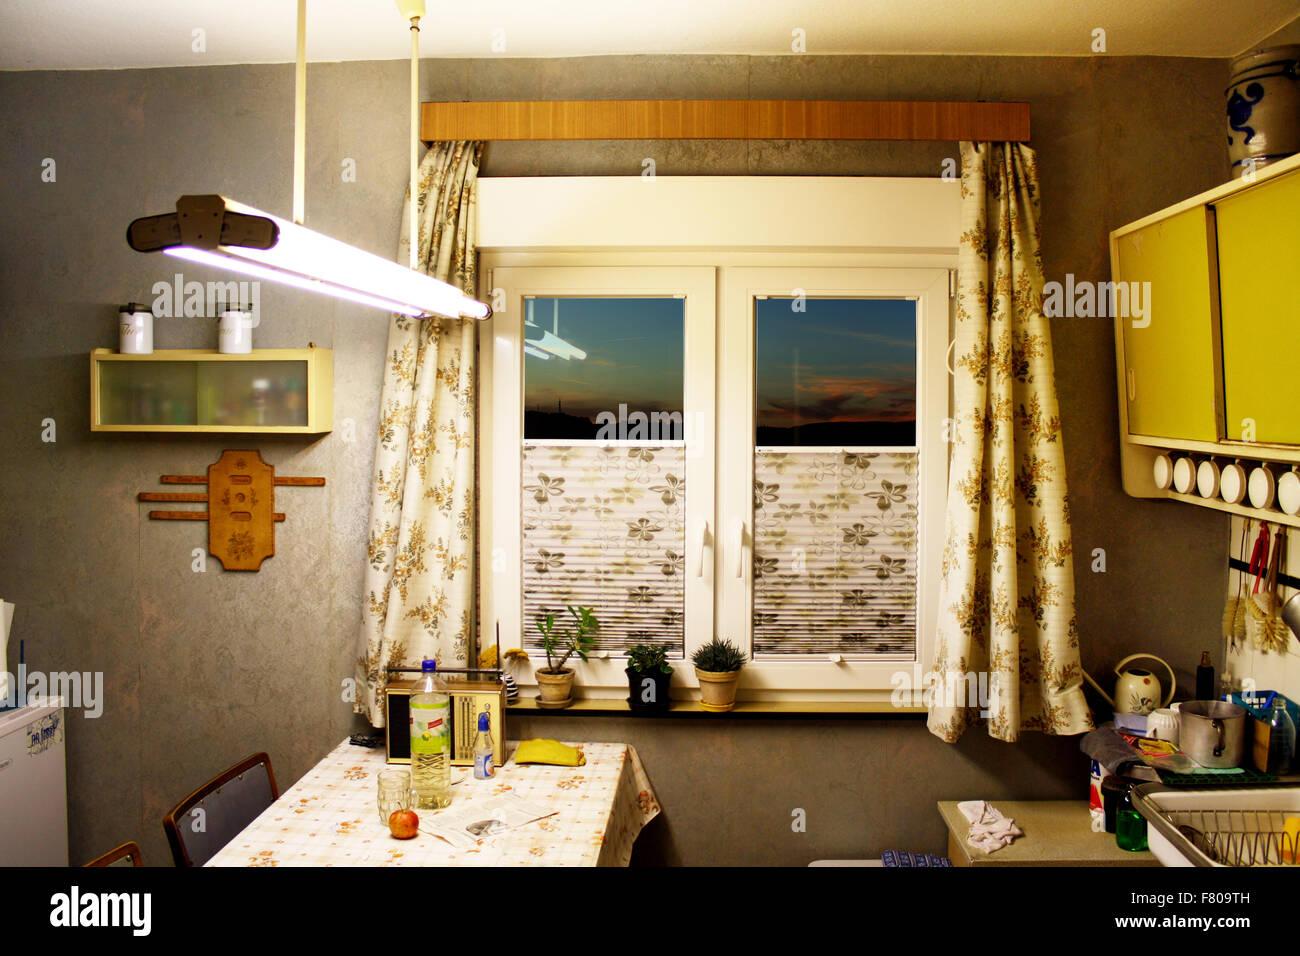 Ancienne cuisine Banque D\'Images, Photo Stock: 90976833 - Alamy